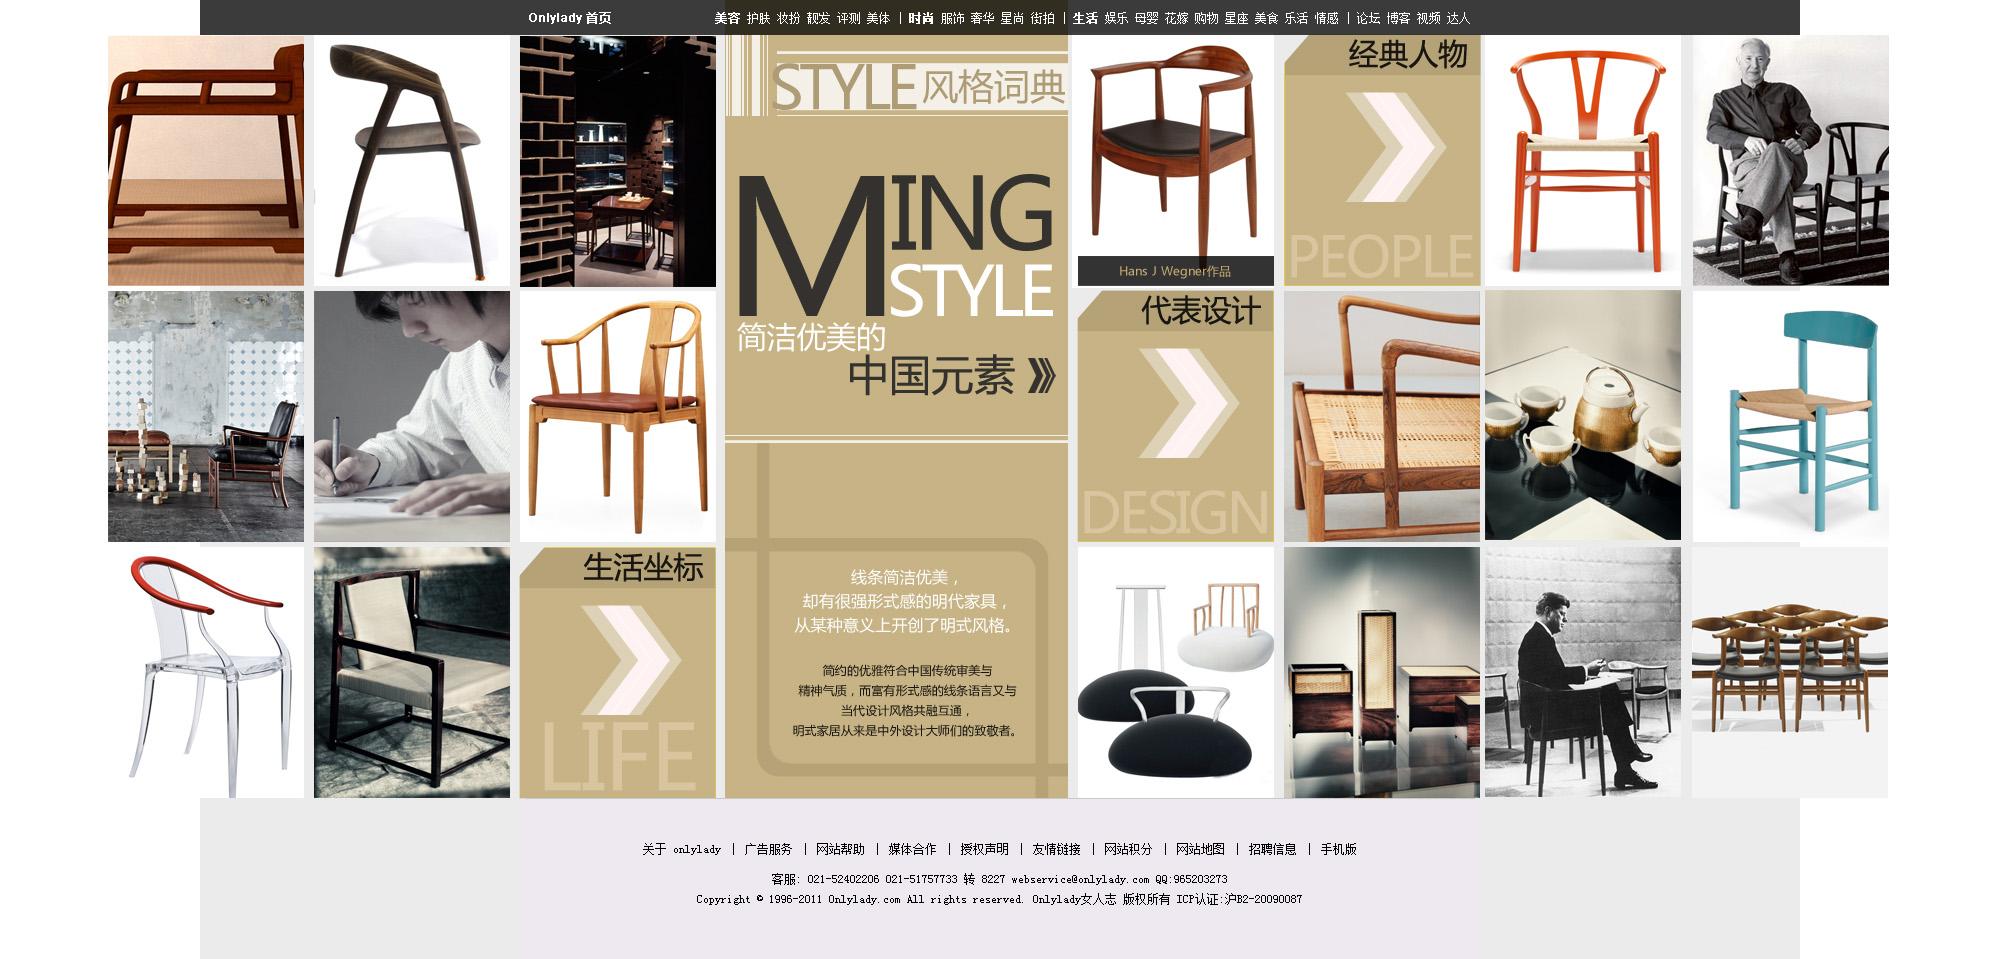 风格词典第二期《简洁优美的中国元素 Ming Style》(2013.03.13) - 园子 - 园子